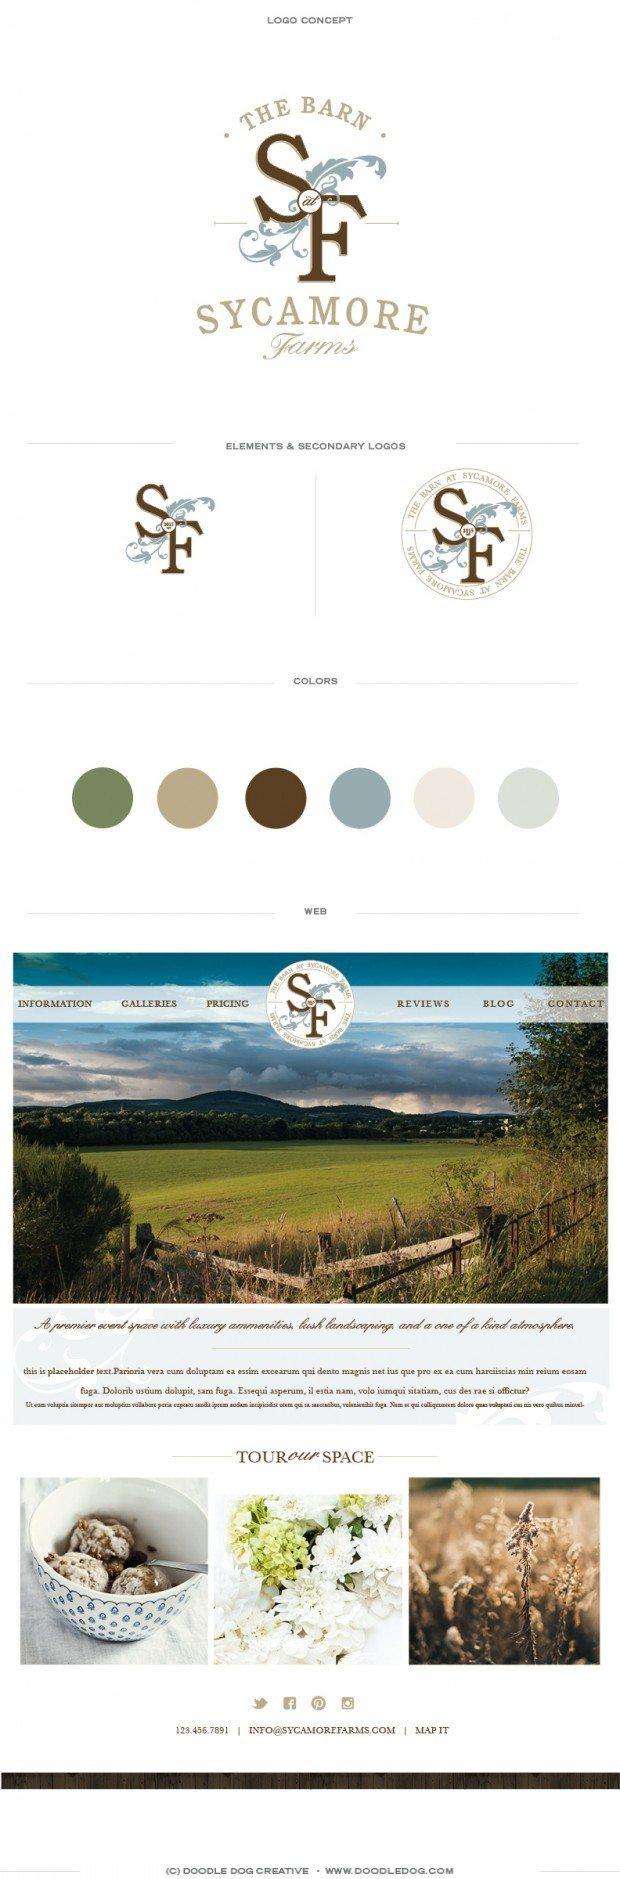 brand board, brand identity, wedding venue, graphic design